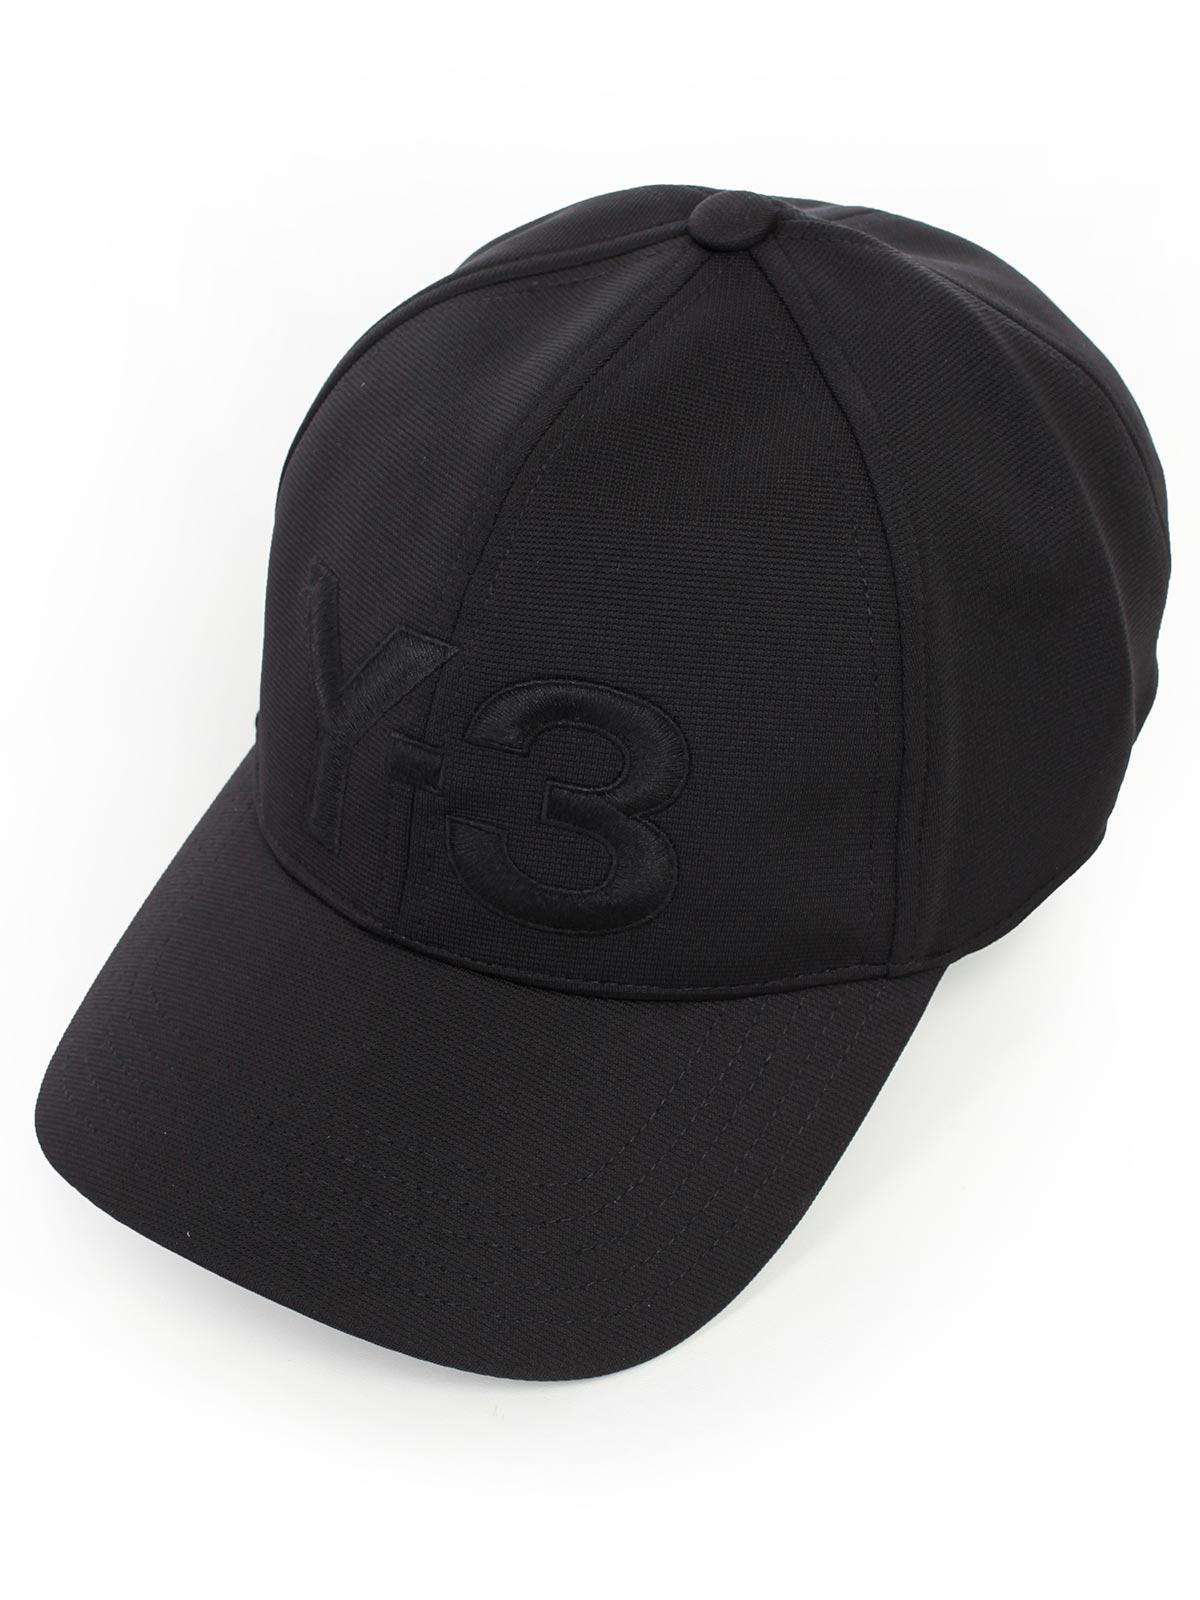 118164bc2e4 Y-3 Yohji Yamamoto Adidas Hat DY9346 - BLACK.Bernardelli Store ...